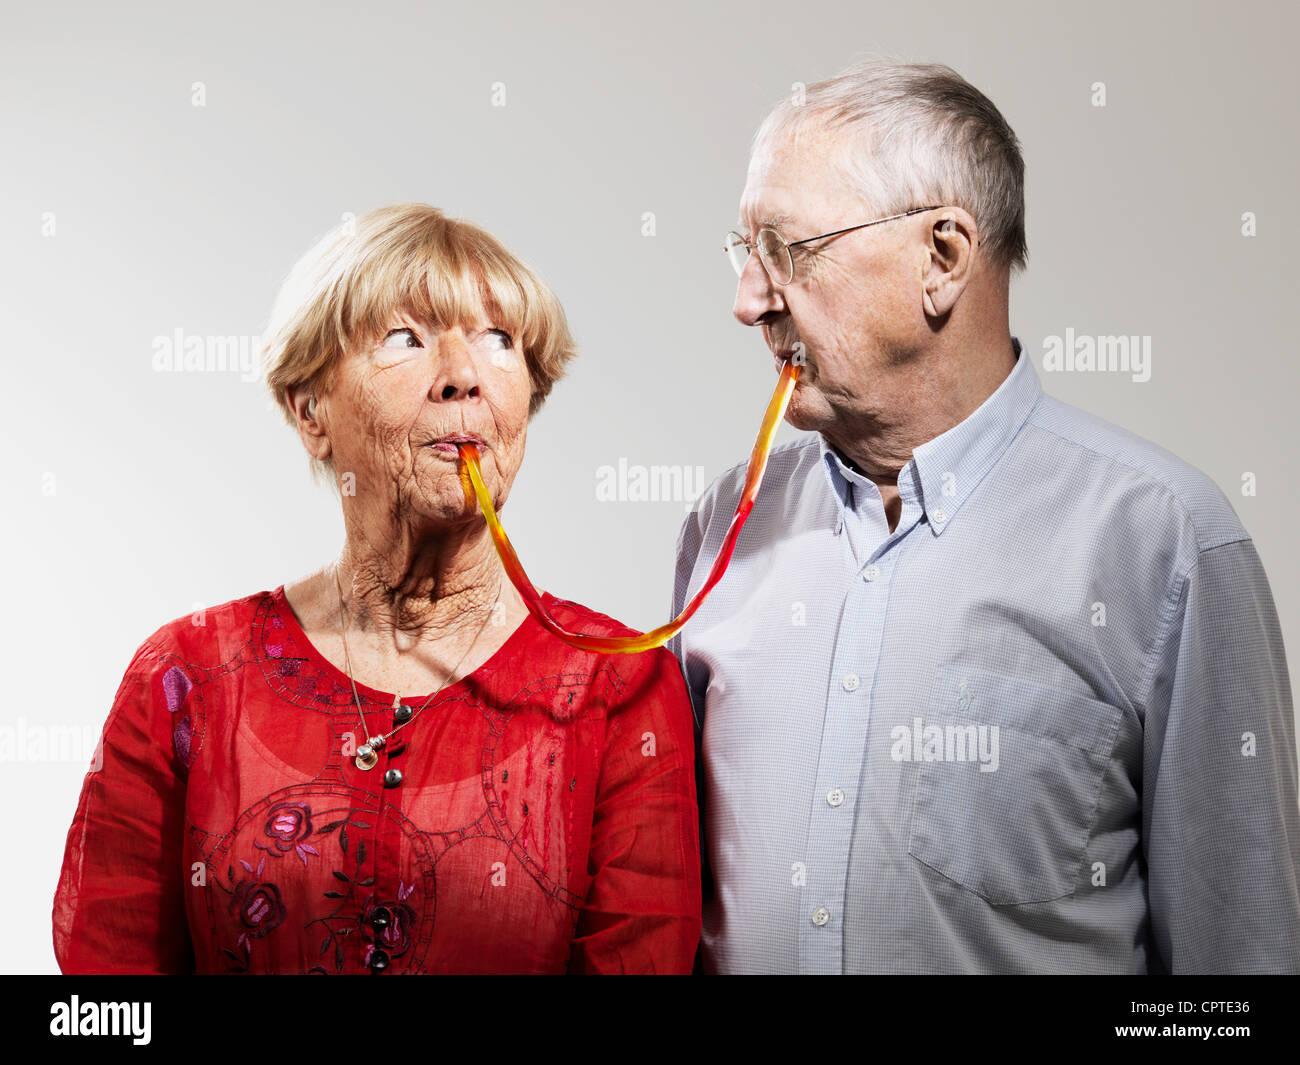 Coppia senior pasticceria condivisione contro uno sfondo bianco Immagini Stock